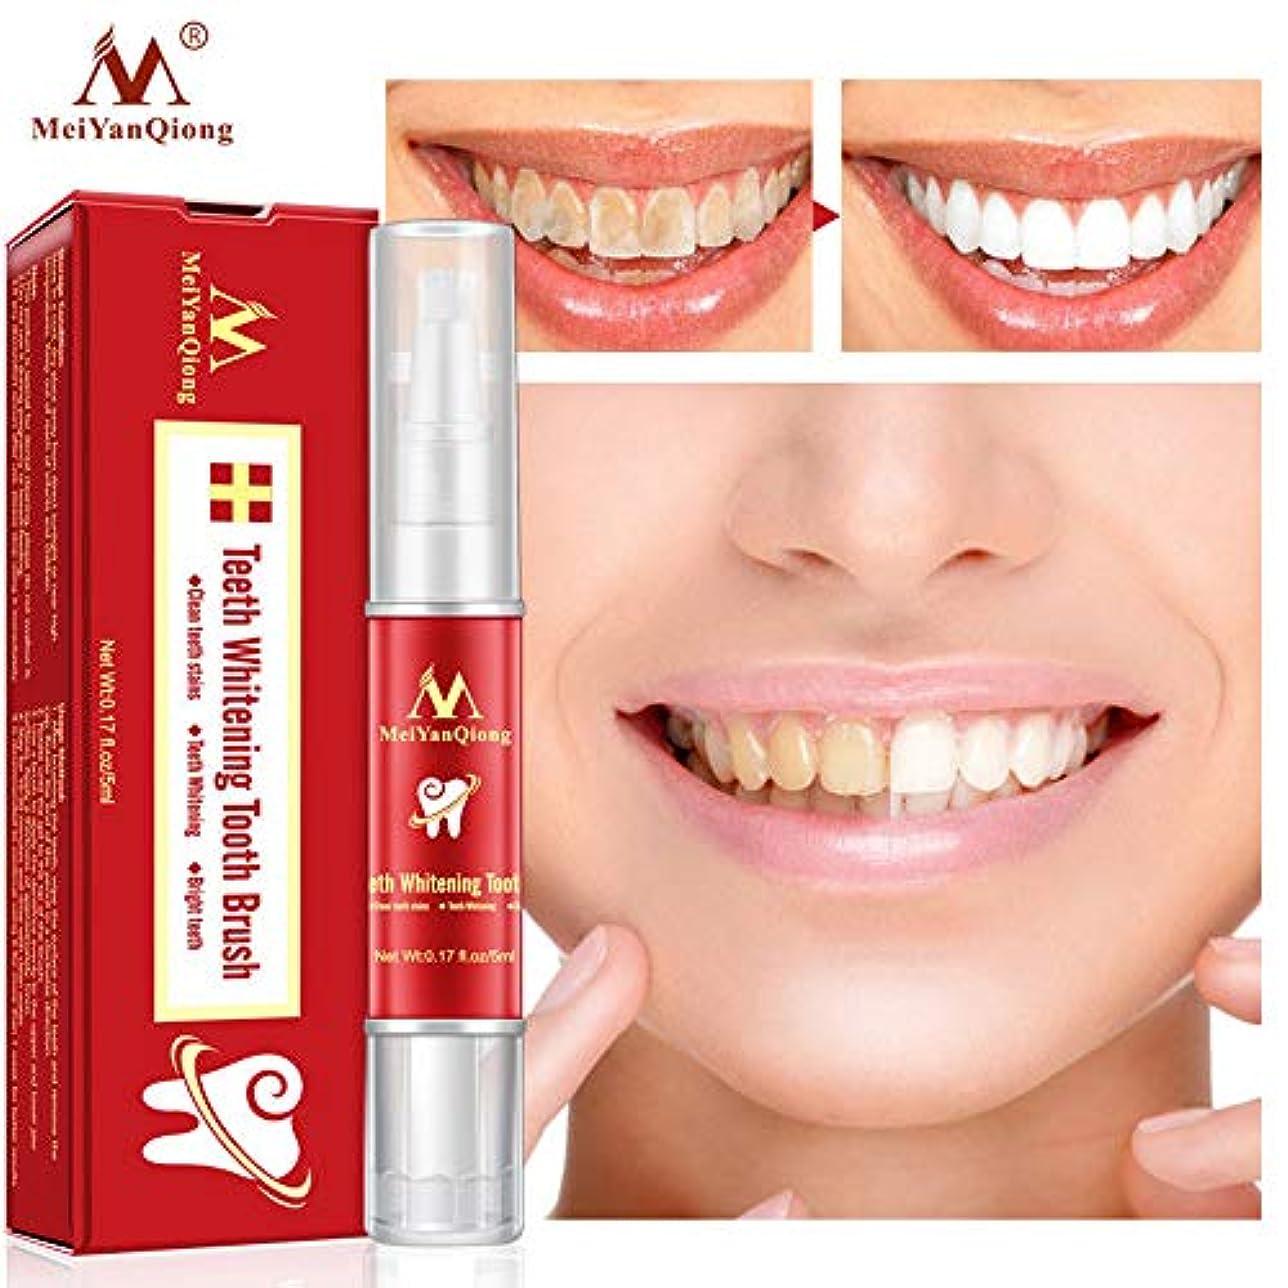 したがって吸い込むほとんどの場合5ml 歯牙 美白ジェル 汚れ取り 黄ばみや歯垢落とし ばこのヤニ、ステイン除去 ホワイトニングジェル